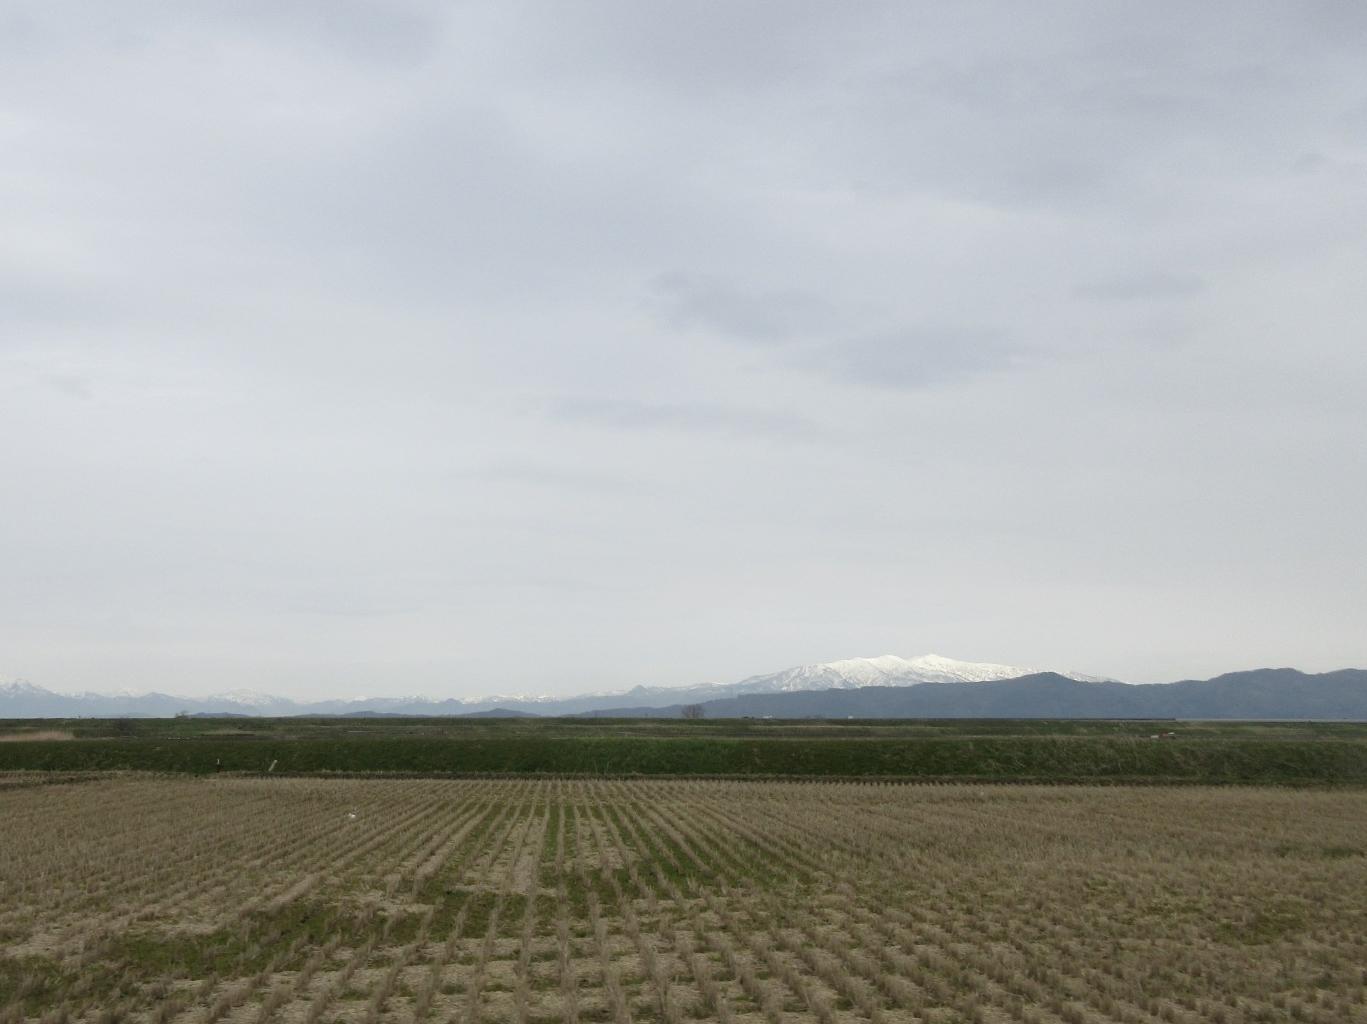 遠くの雪山・川縁の柳_a0203003_21060972.jpg